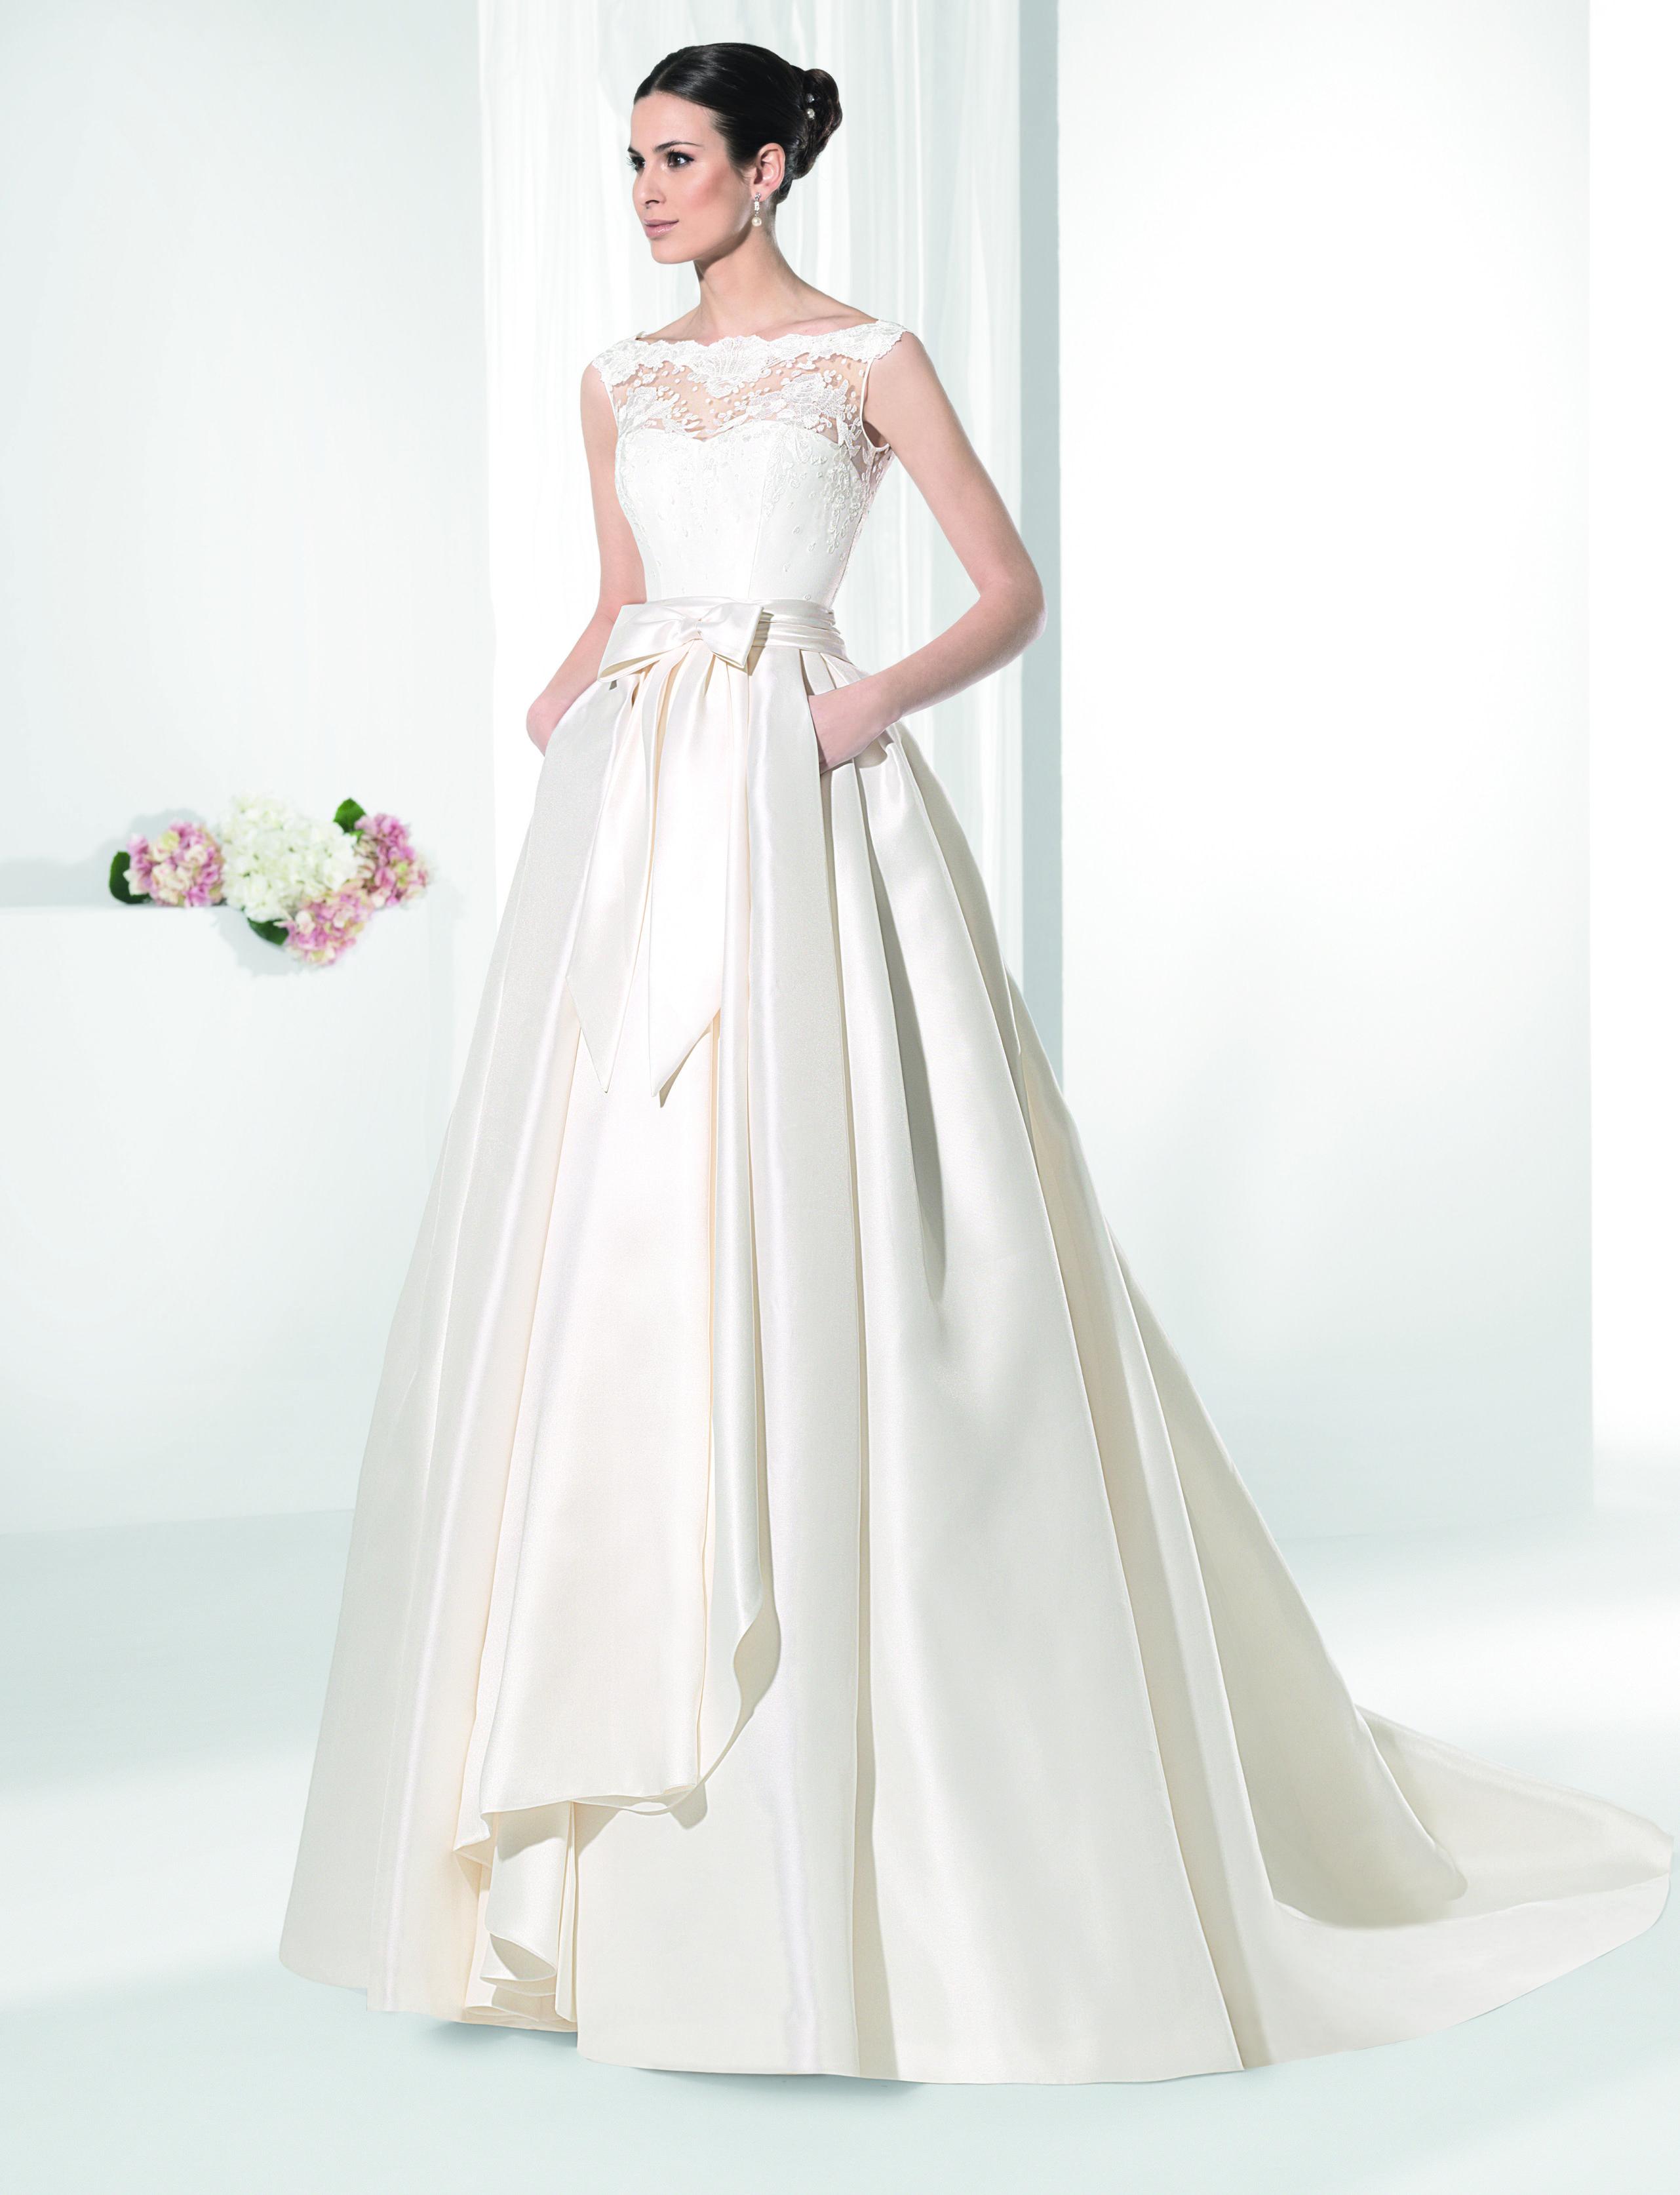 Vestido de novia Modelo Panotxa Franc Sarabia 2015 | Wedding Dress ...